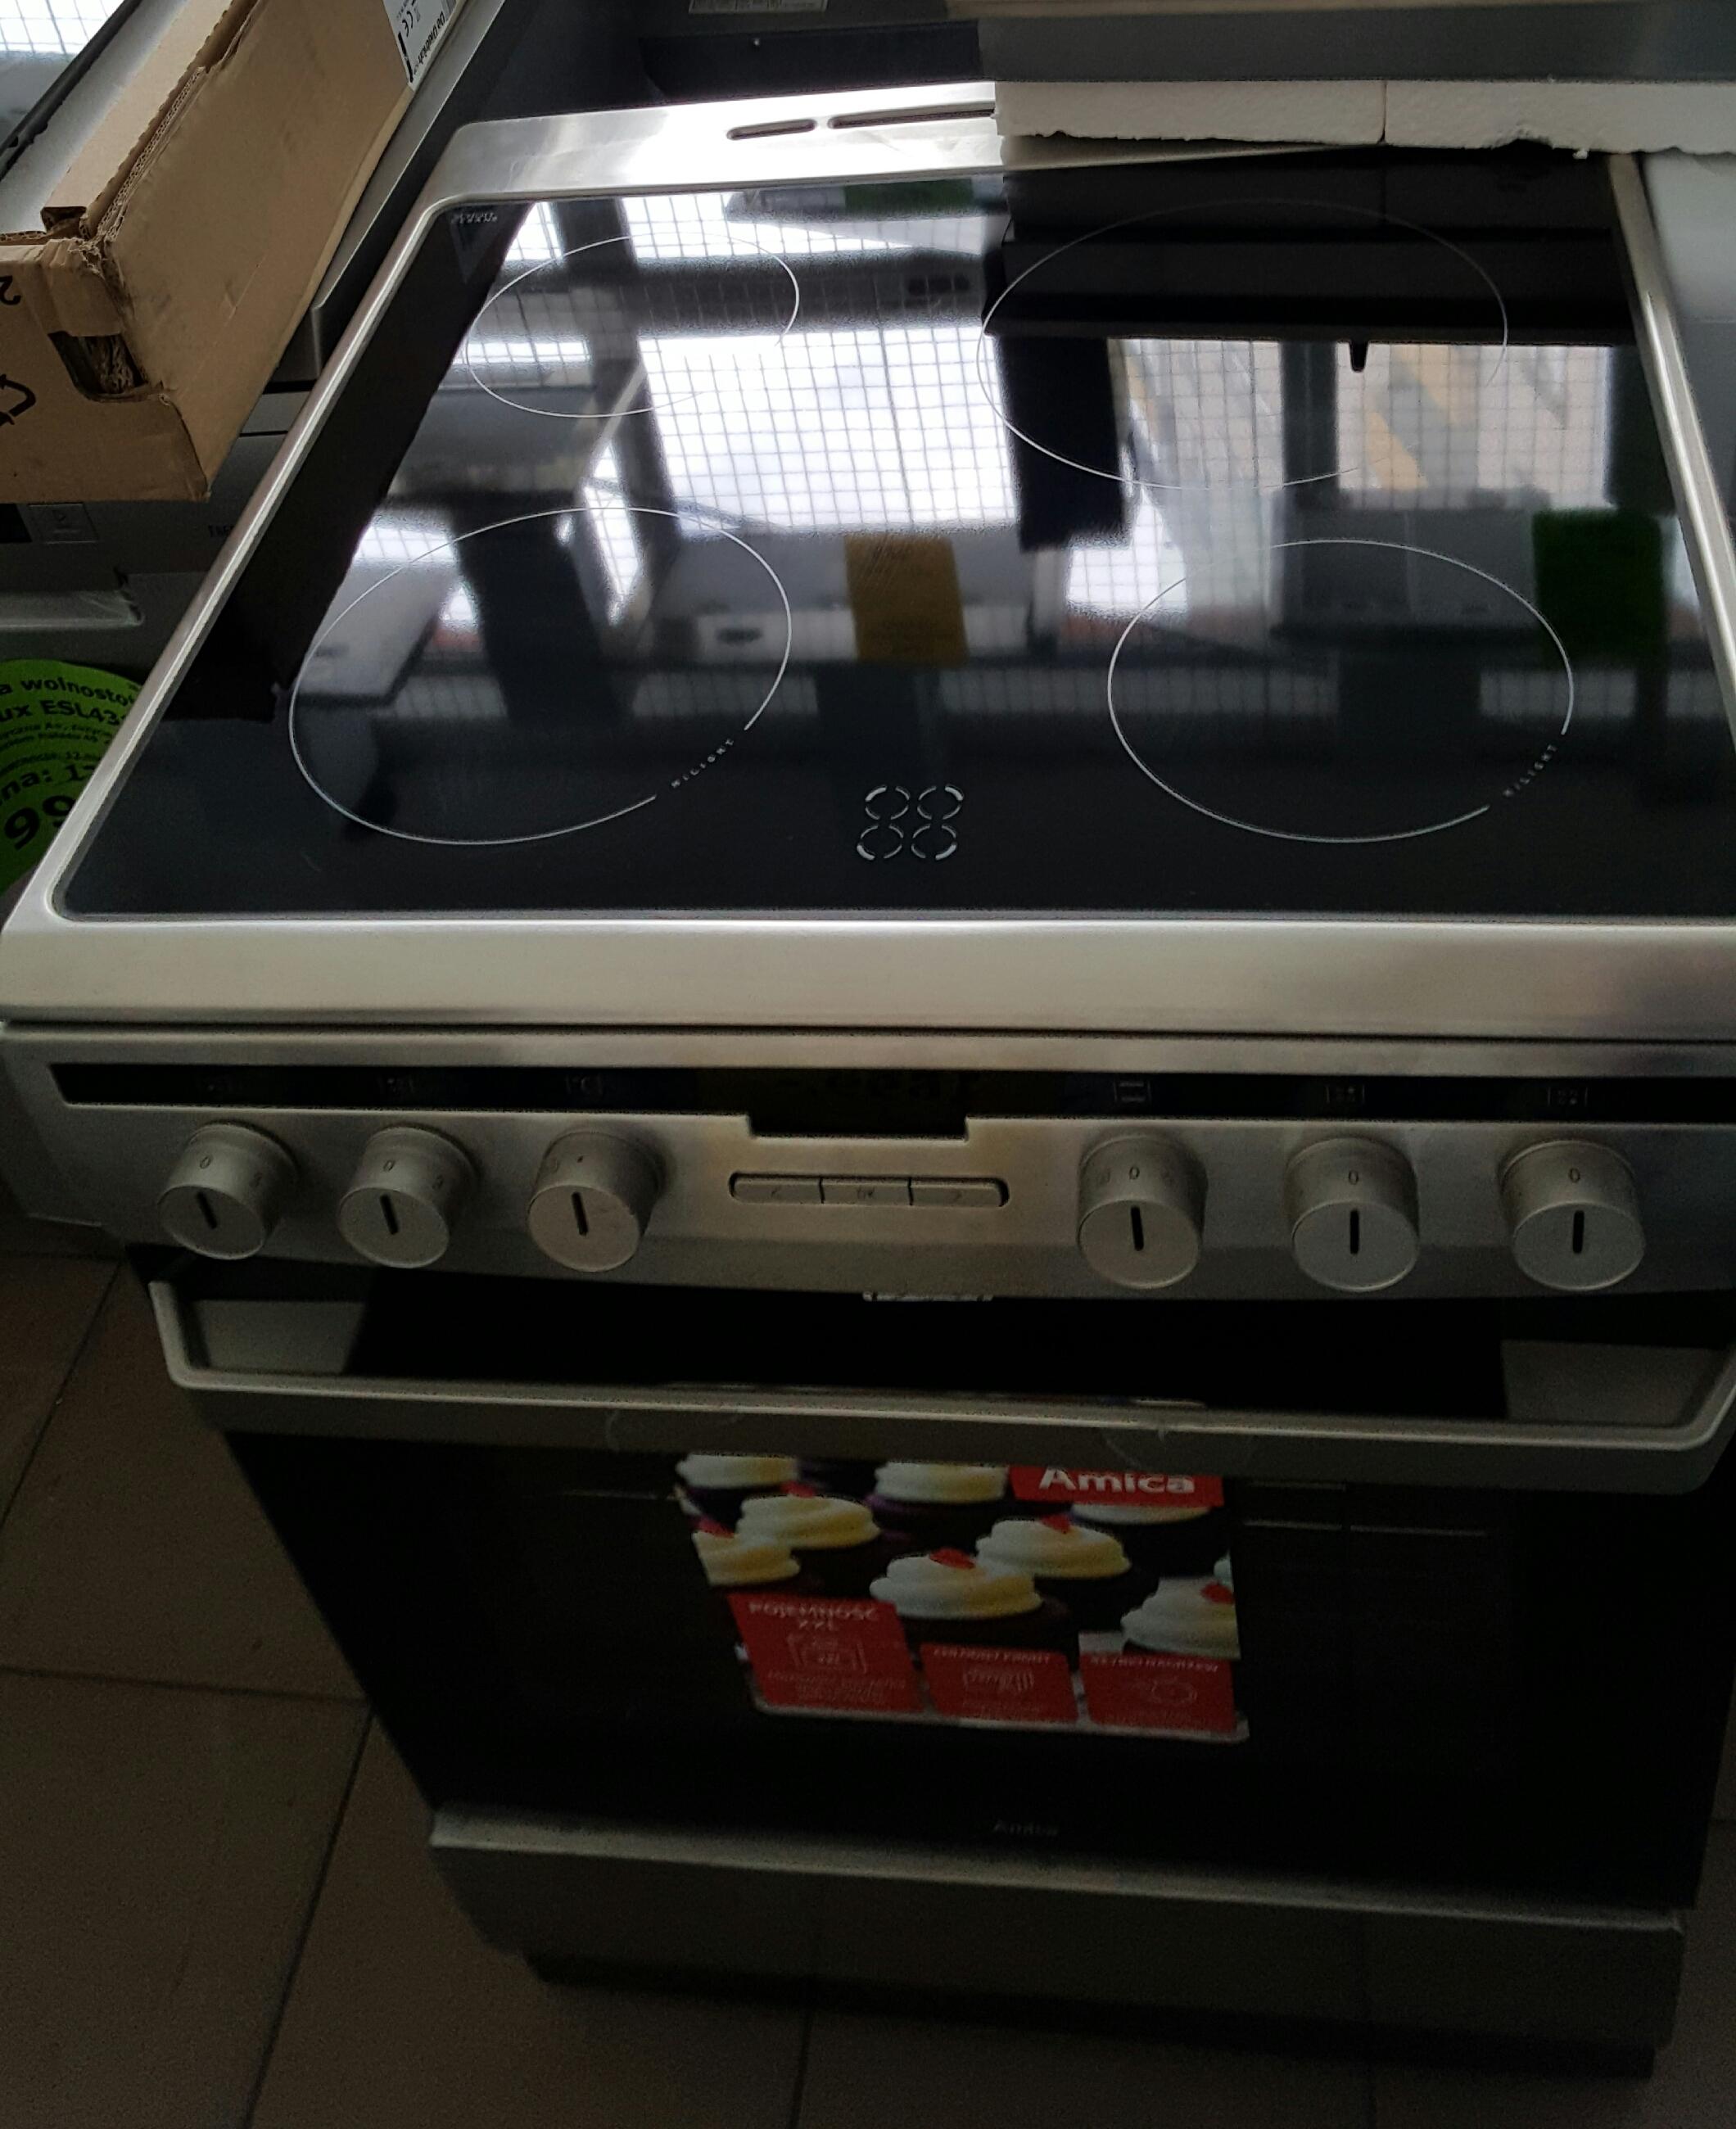 Kuchnia elektryczna ceramiczna Amica 618CE3 333HTAQ(XX)  Ekspert Serwis -> Kuchnia Elektryczna Amica Z Plytą Ceramiczną Używana